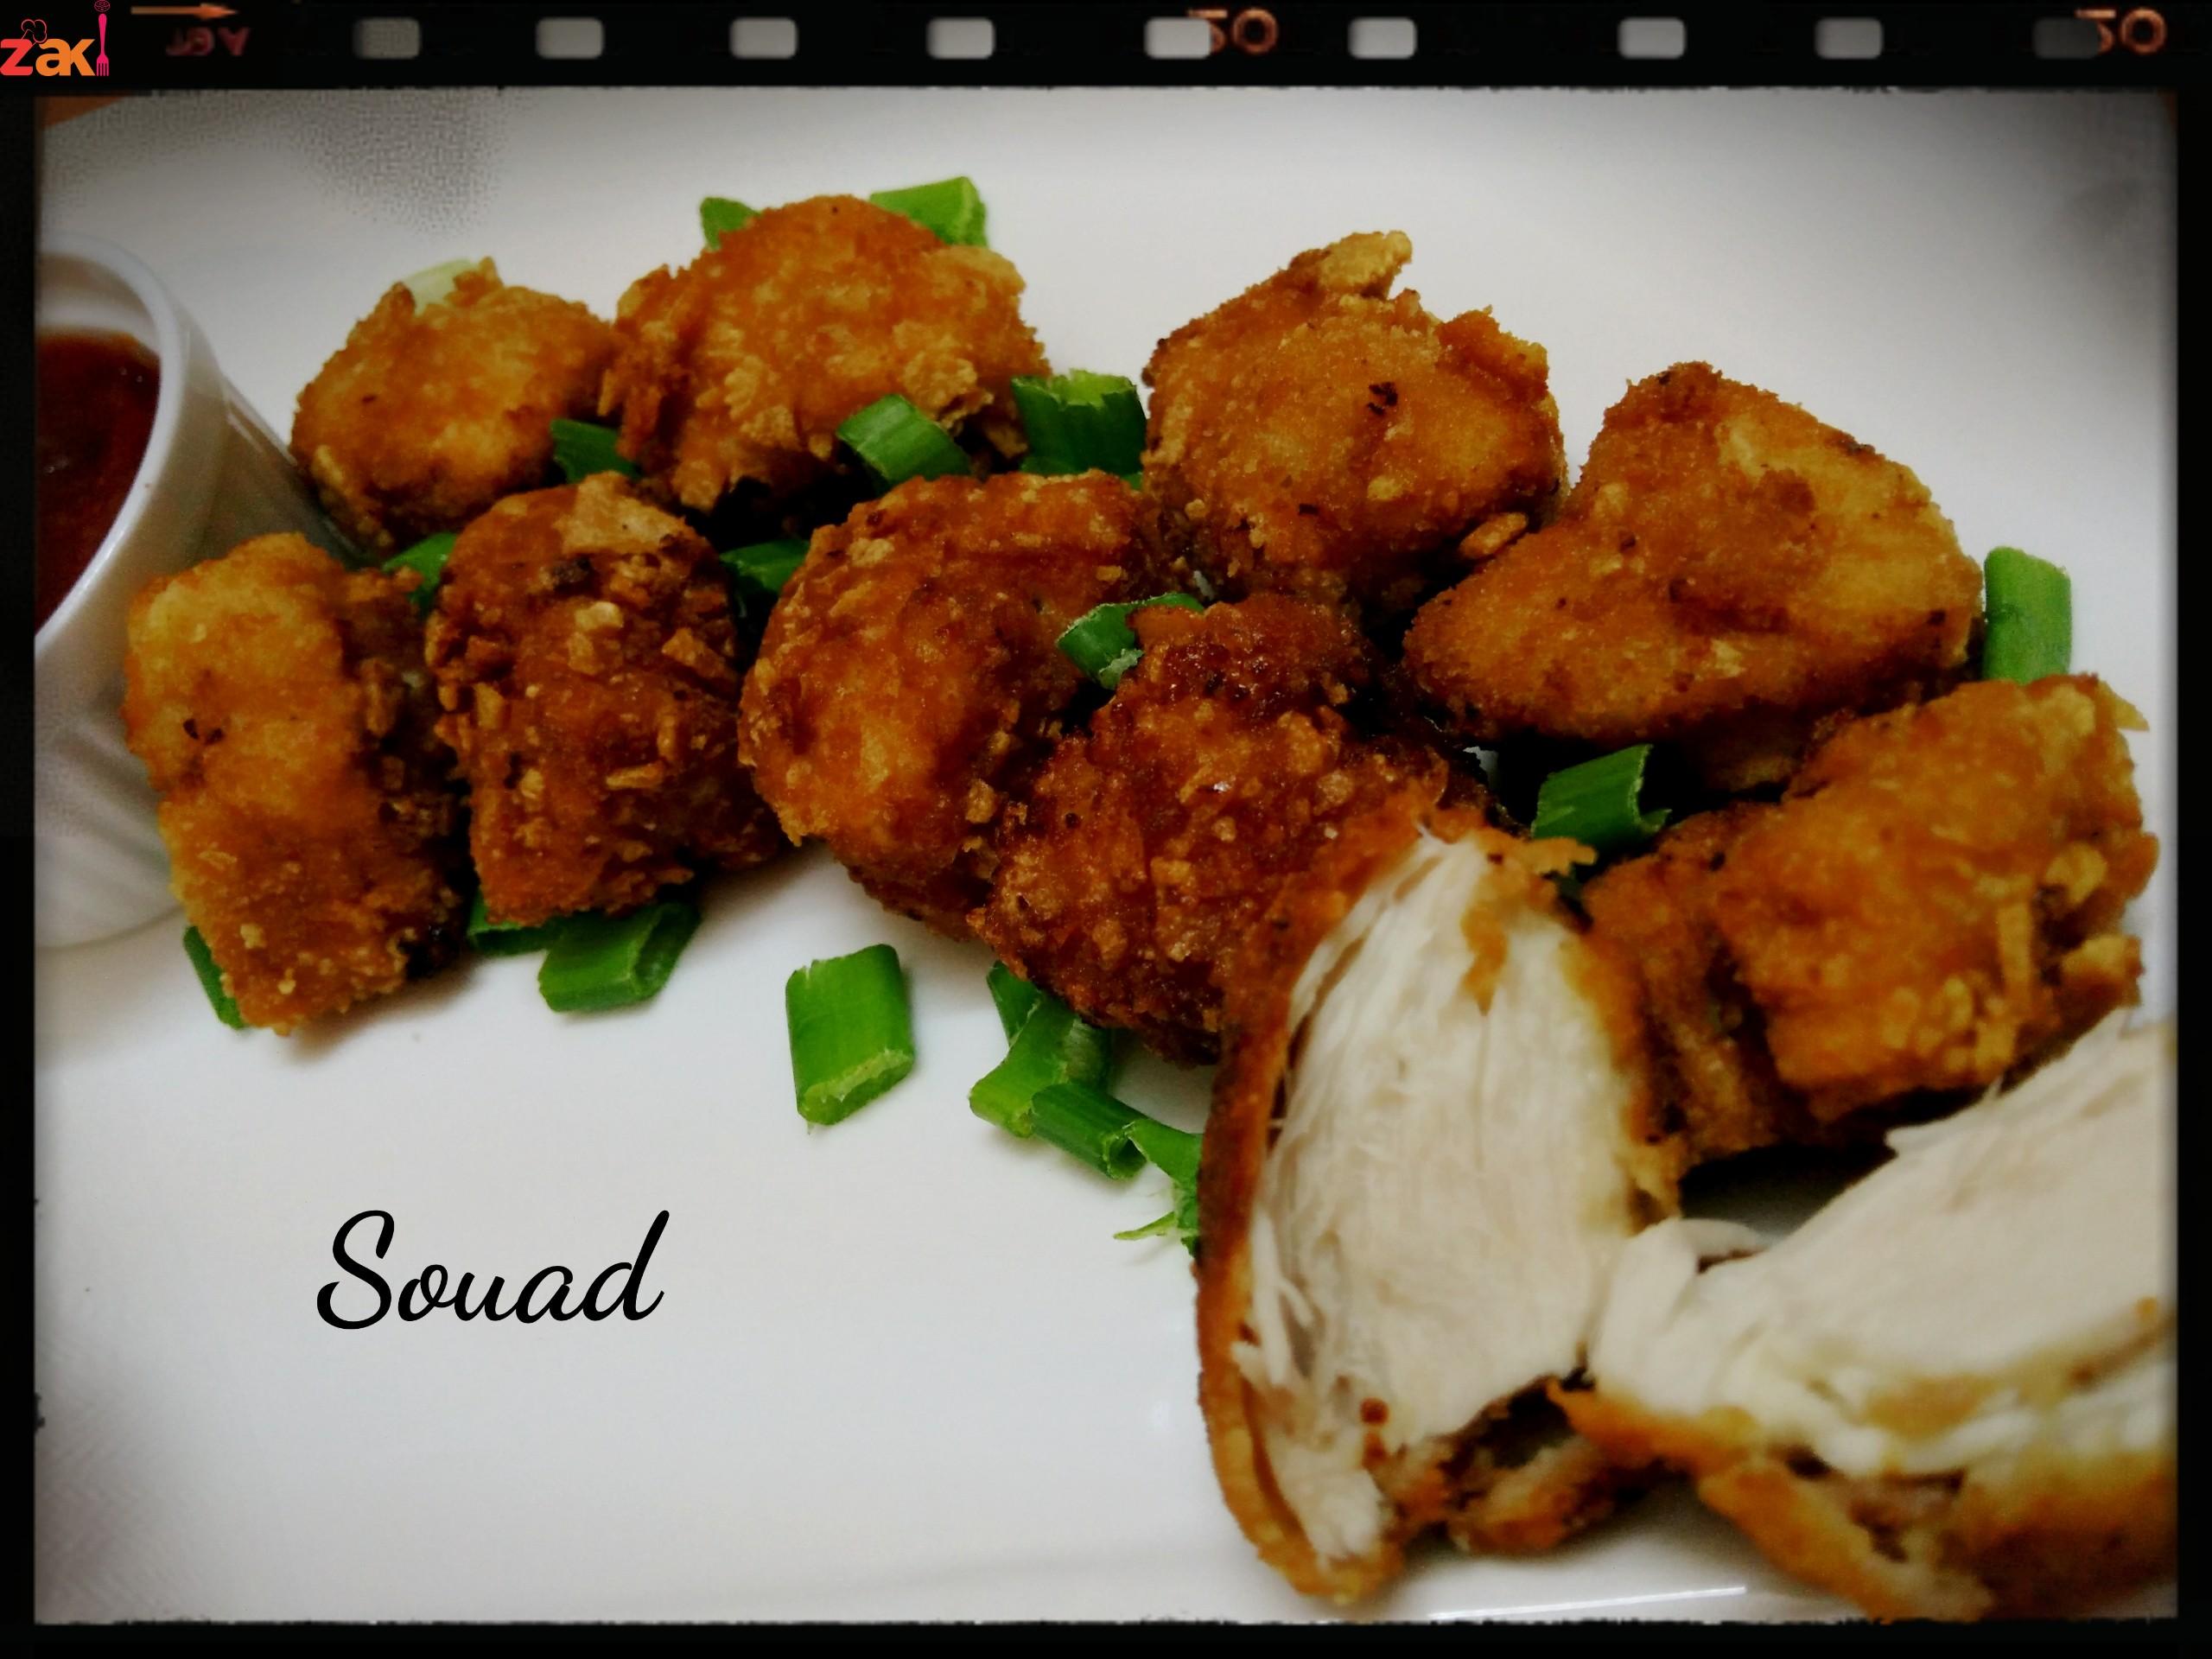 بوب كورن الدجاج اللذيذ والمقرمش وصفة سهلة وبسيطة وأنظف من الجاهز